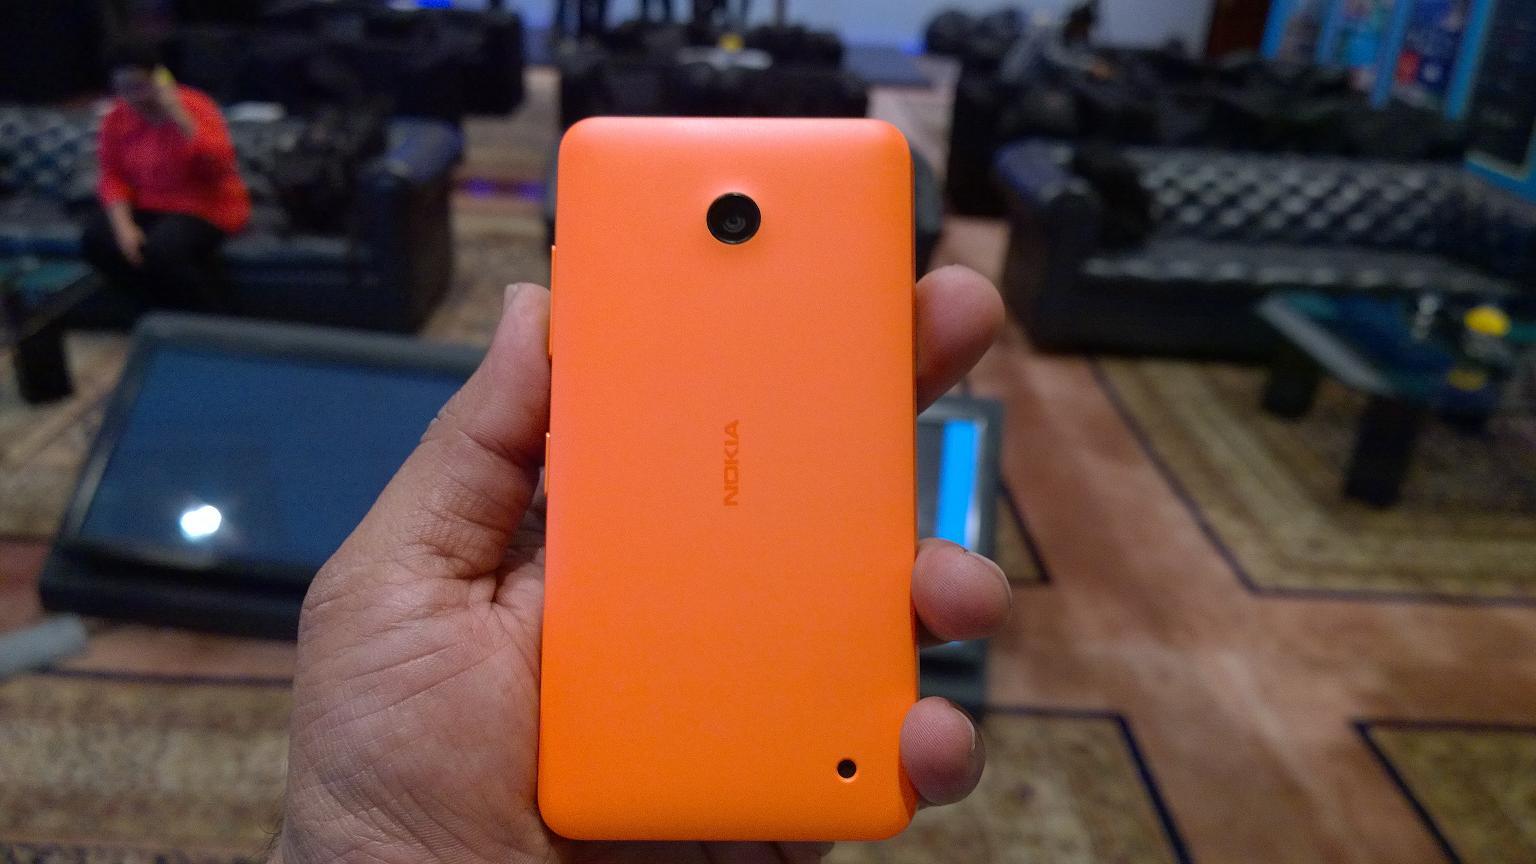 инструкция по пользованию nokia lumia 630